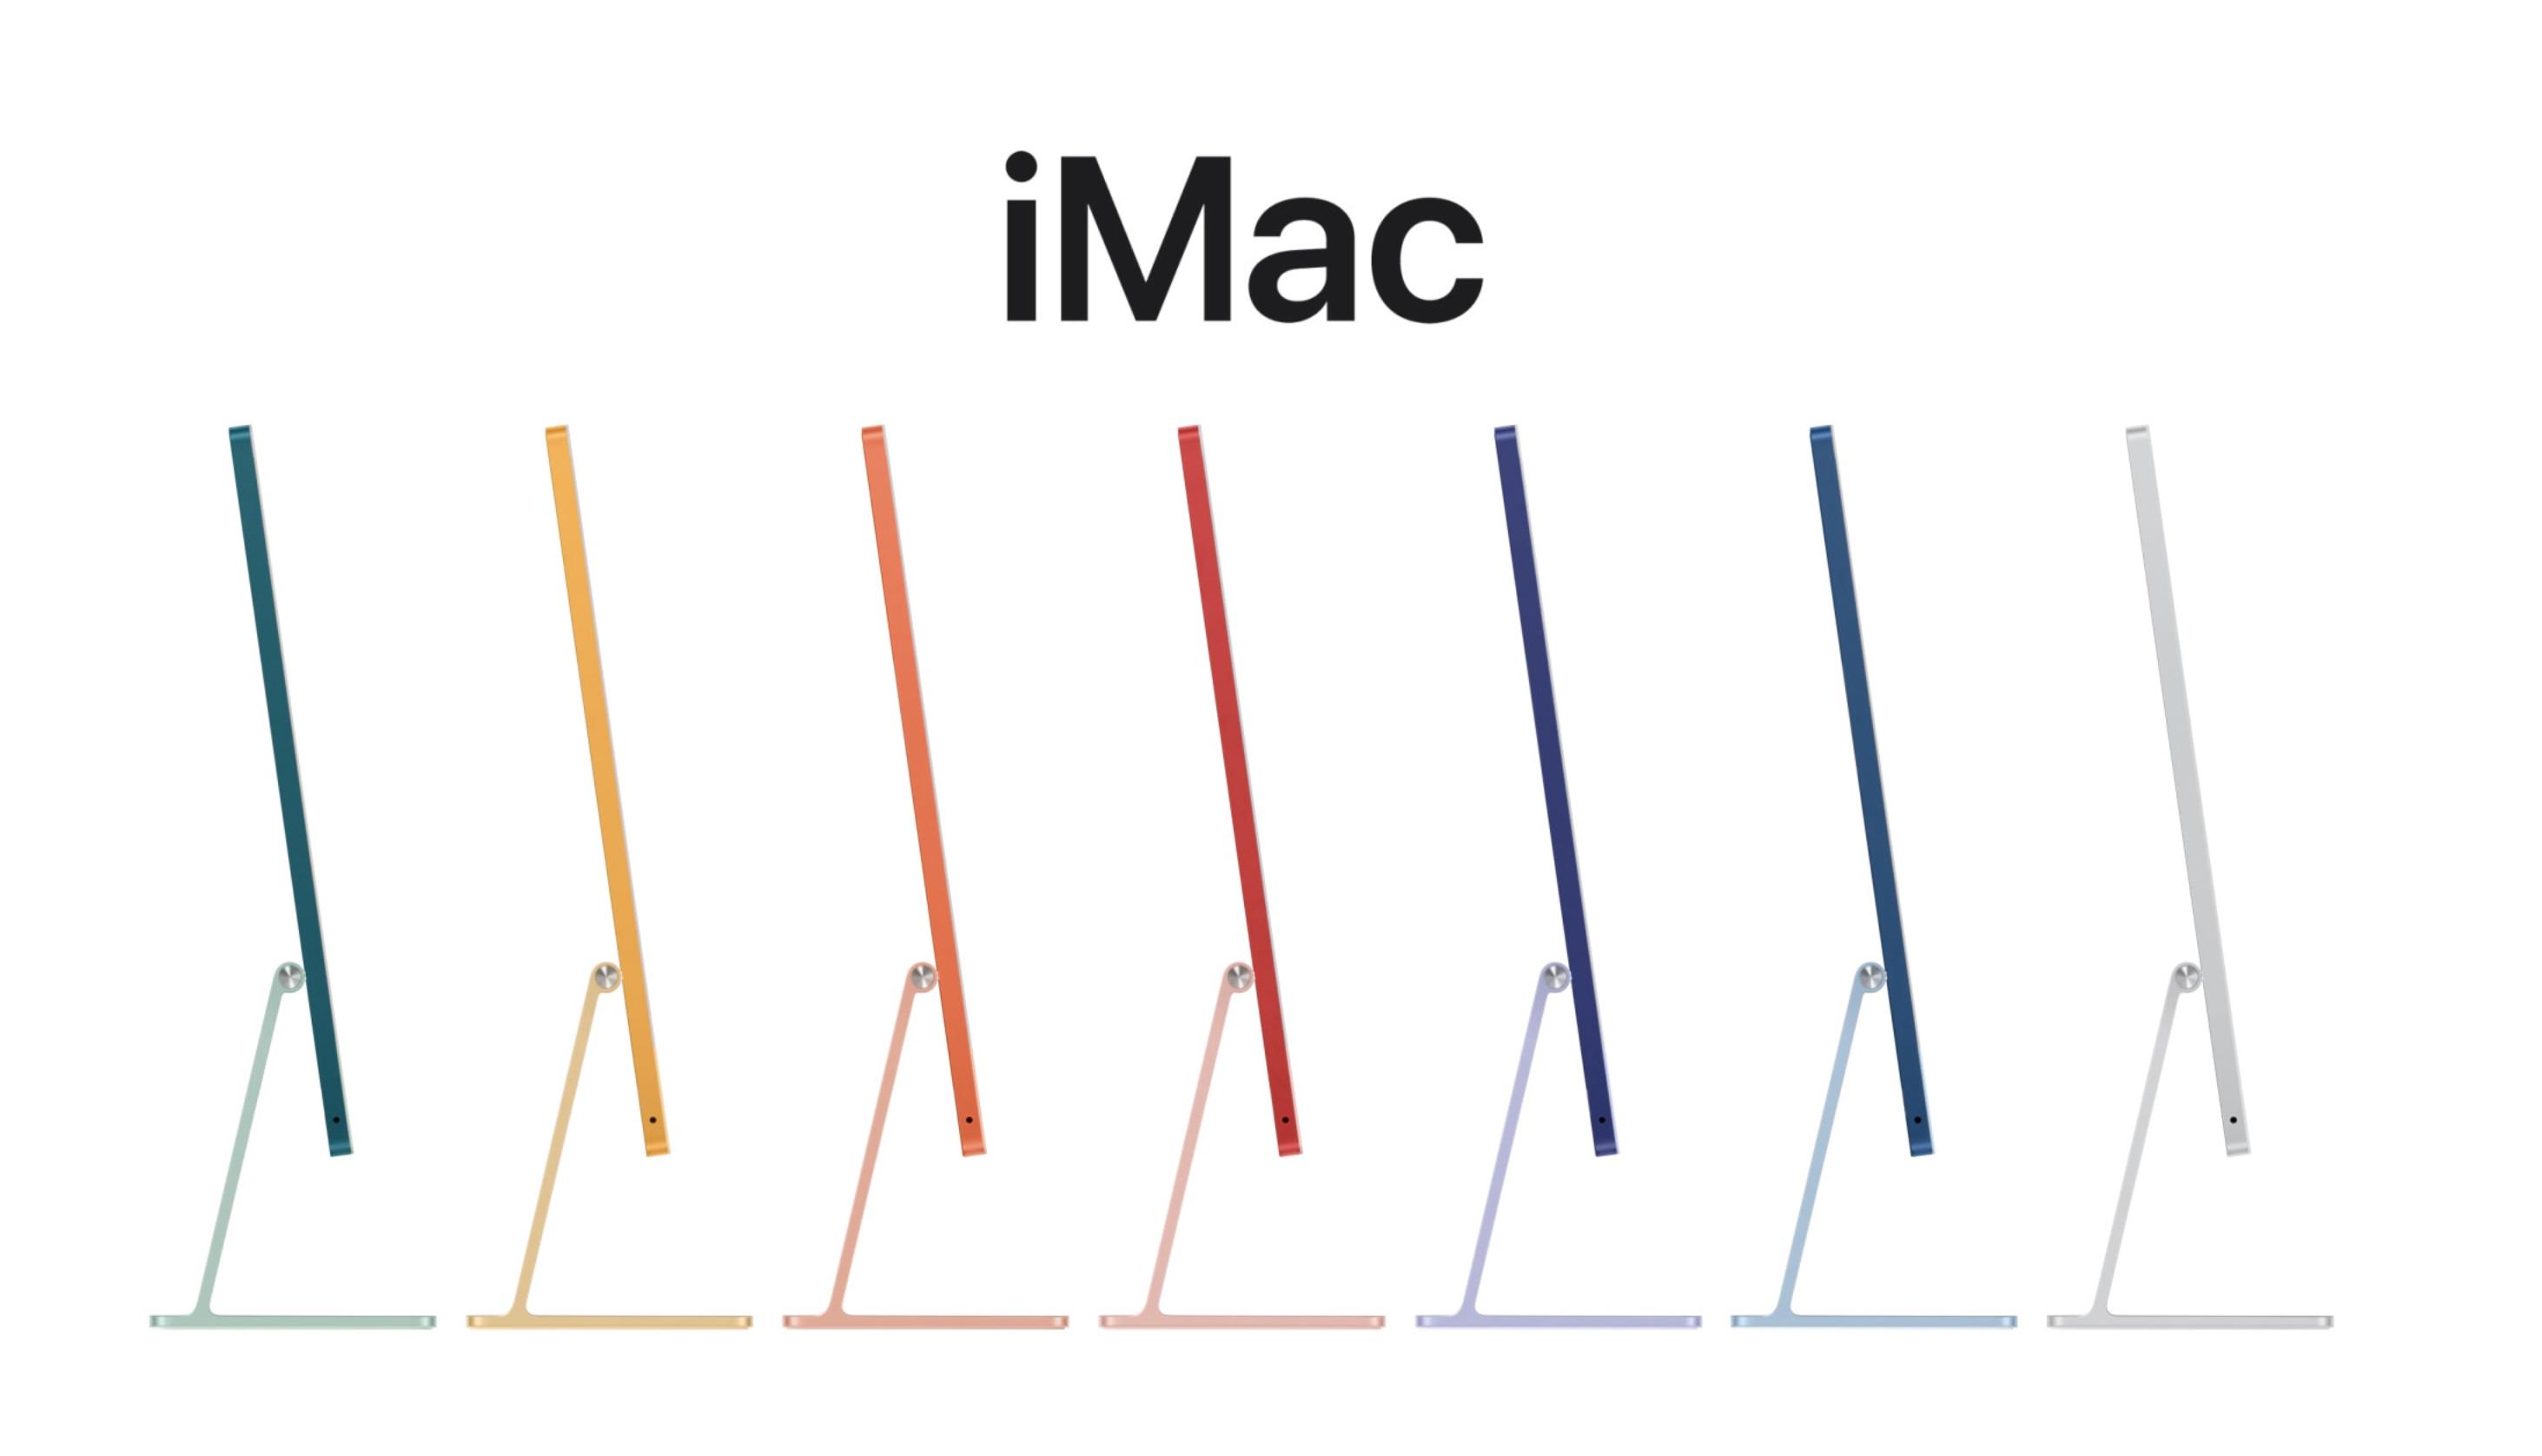 เปิดตัว iMac 24 นิ้ว ดีไซน์ใหม่ สีเยอะ, ชิป M1 และจอภาพ Retina 4.5K ราคาเริ่มต้น 42,900 บาท